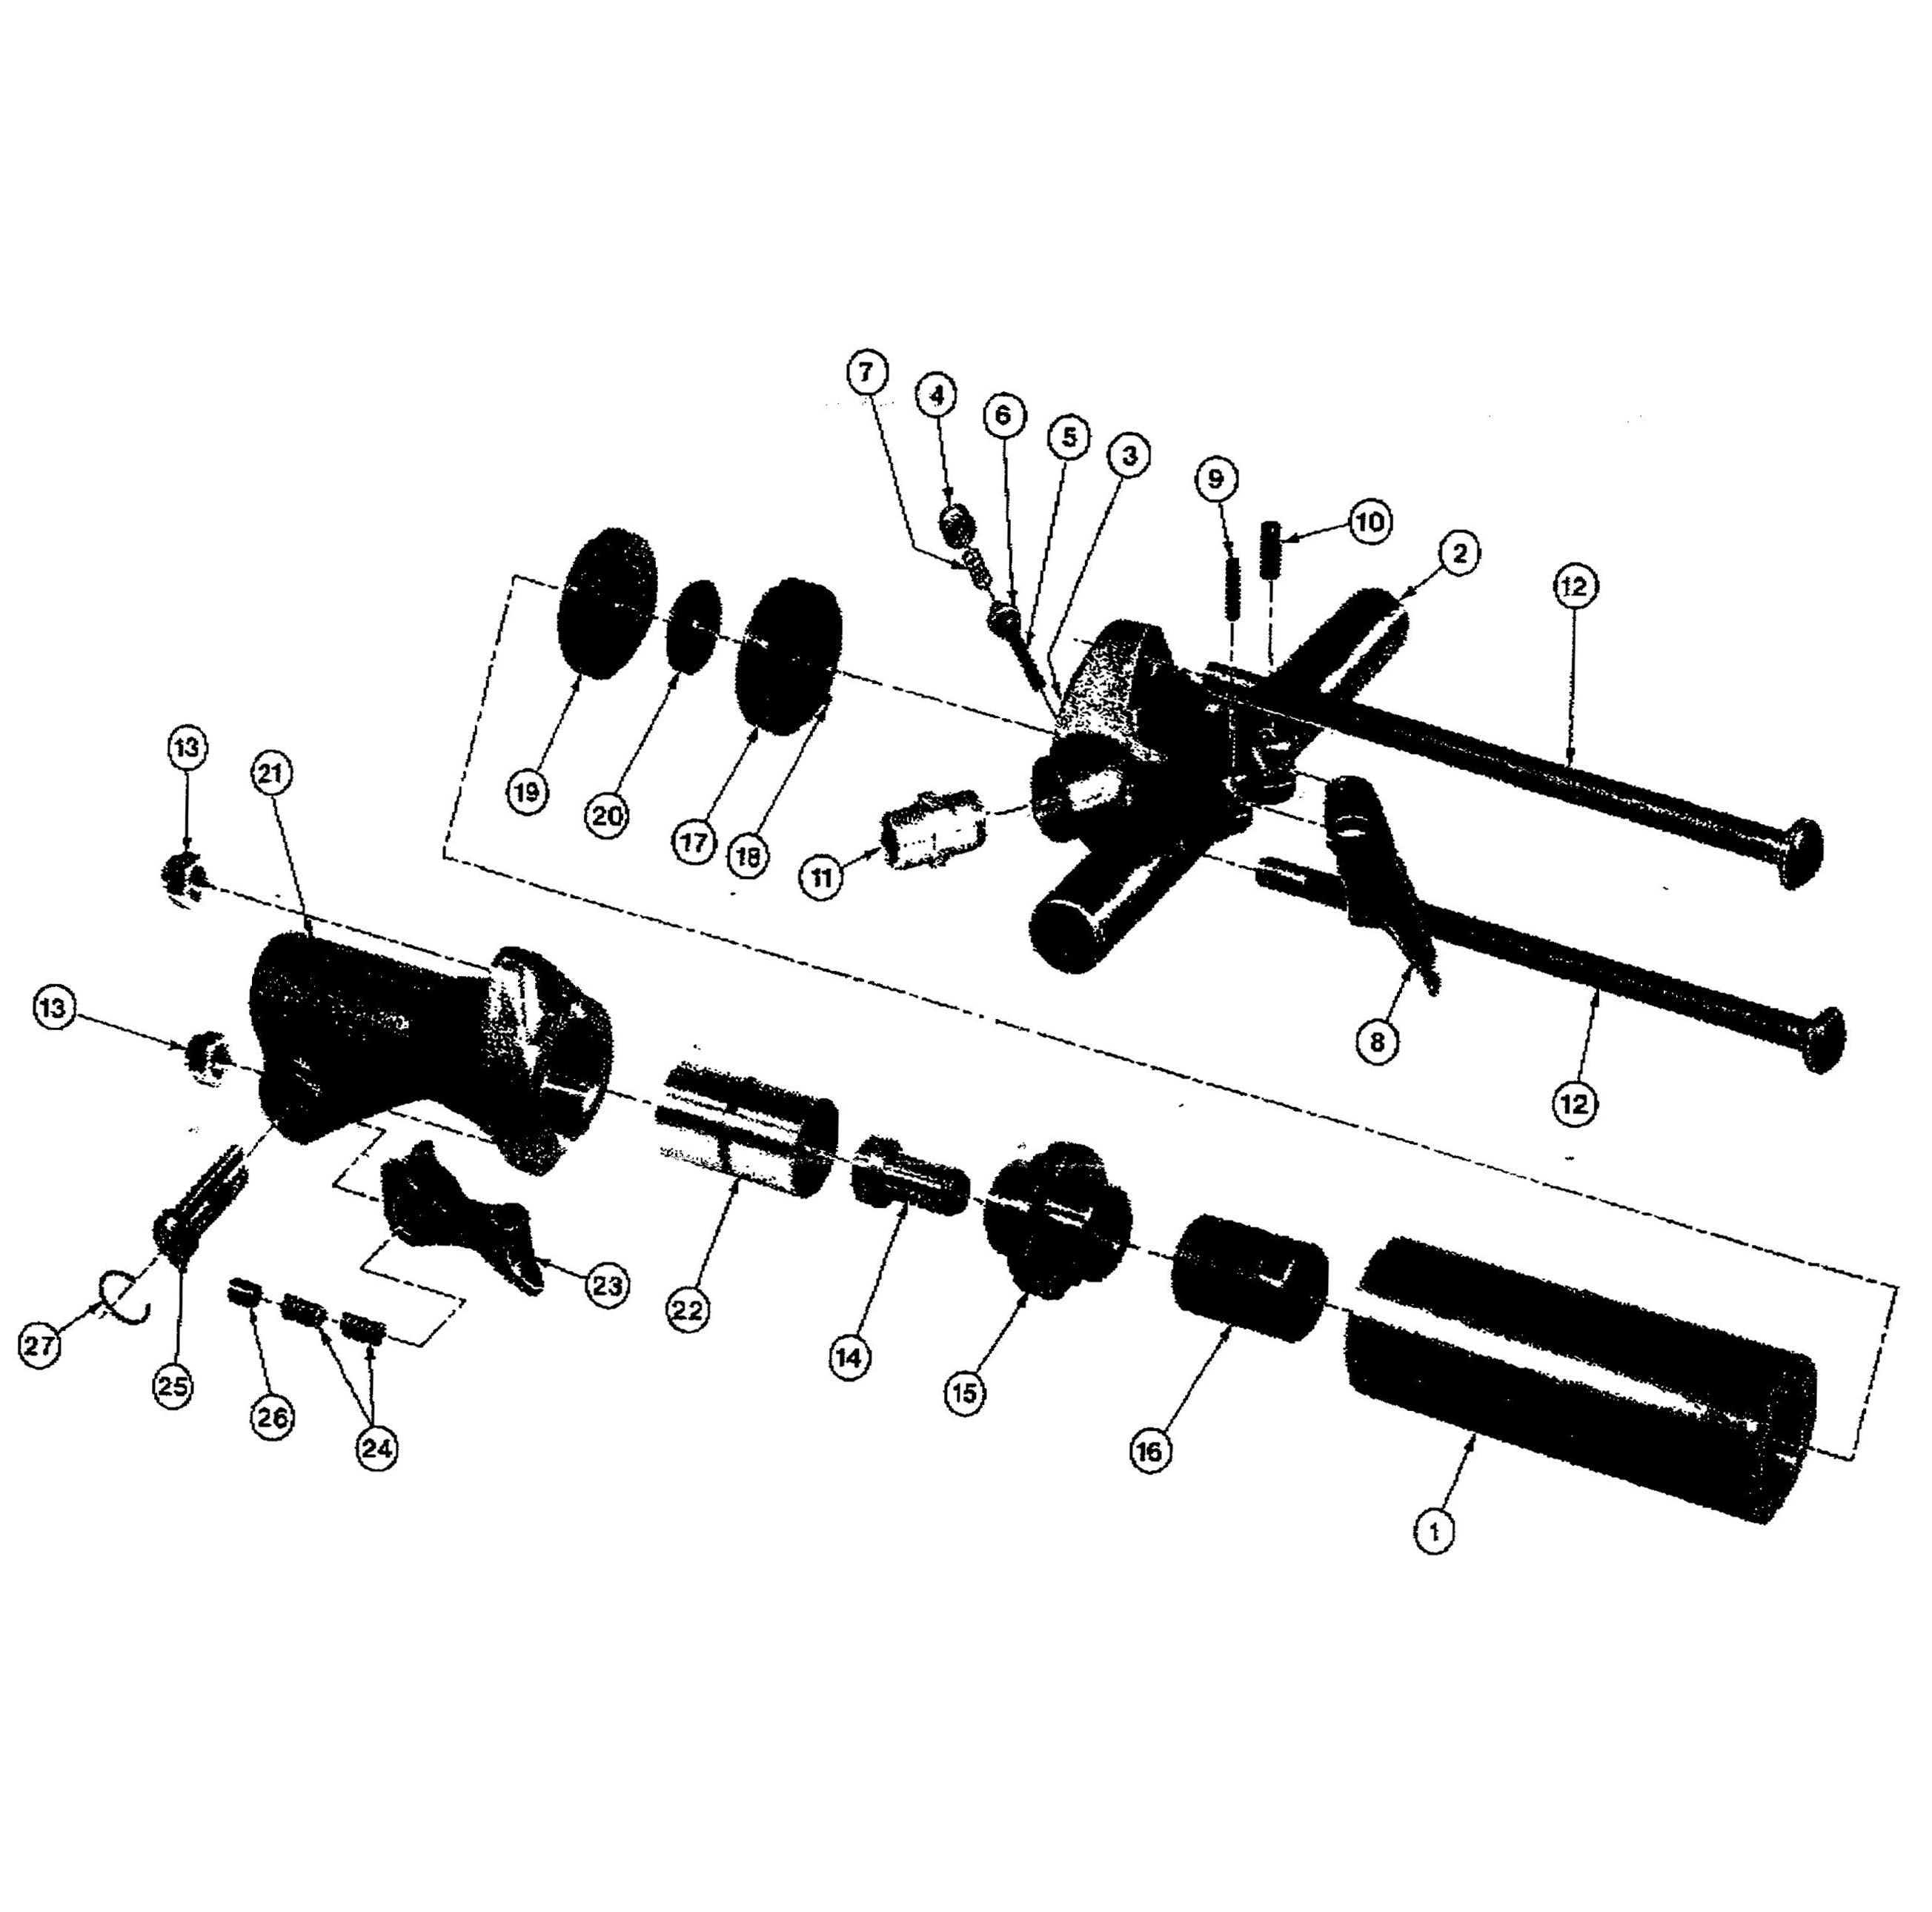 ingersoll rand air tools parts breakdown